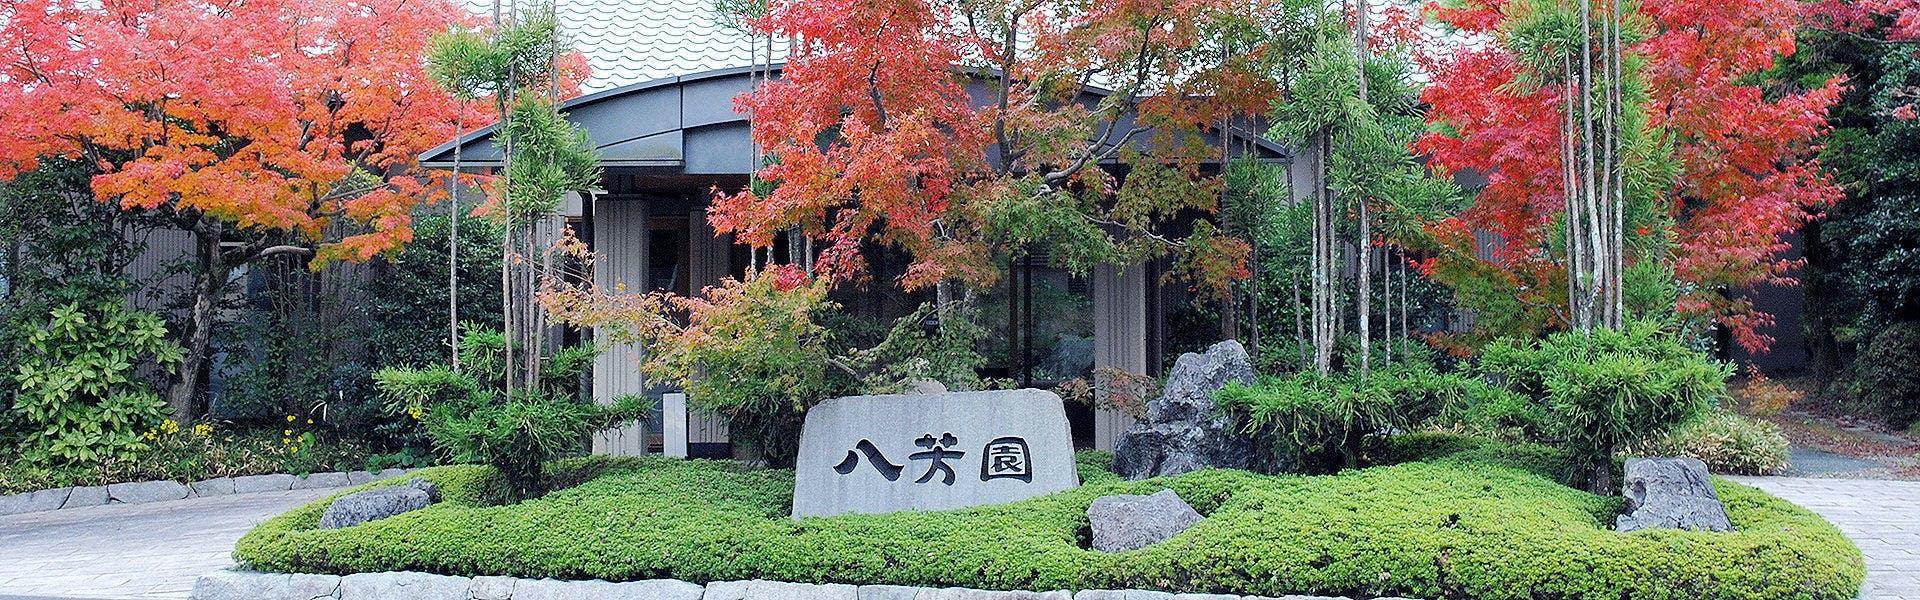 記念日におすすめのホテル・山もみじの宿 八芳園の写真2